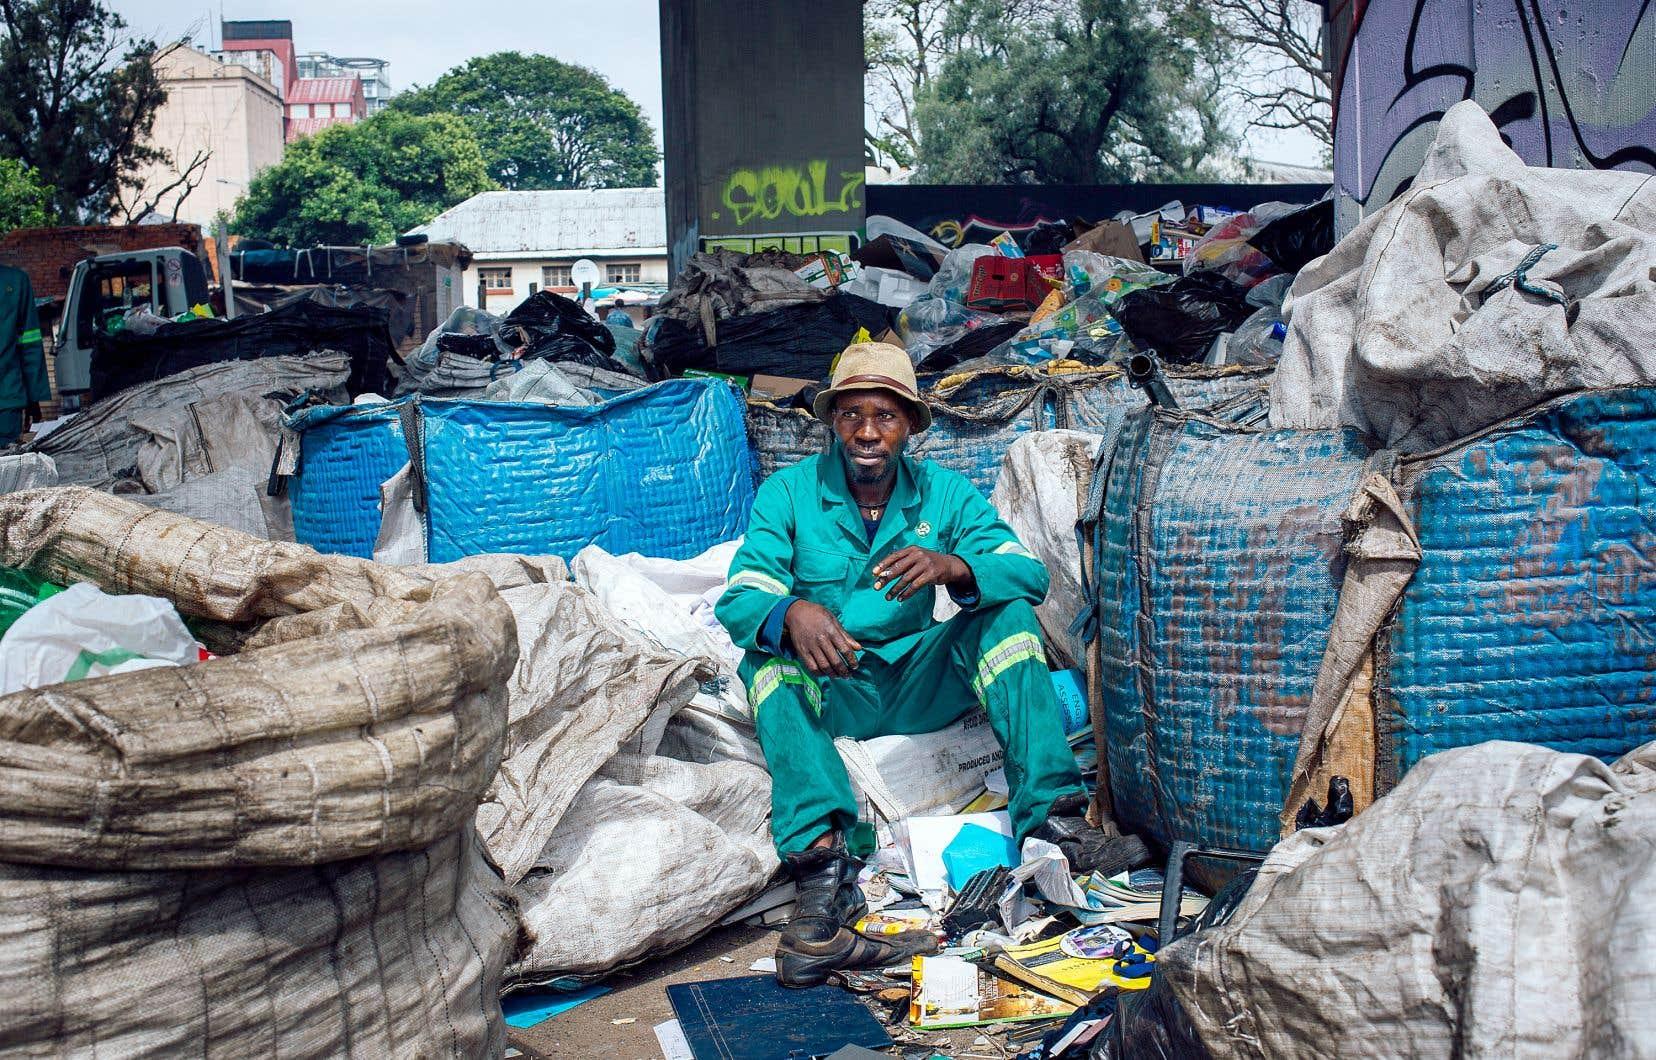 Chippa, un récupérateur originaire du Lesotho, s'est joint au groupe African Reclaimers Organisation depuis deuxans. On le voit ici en train de trier les déchets recyclables par catégories.